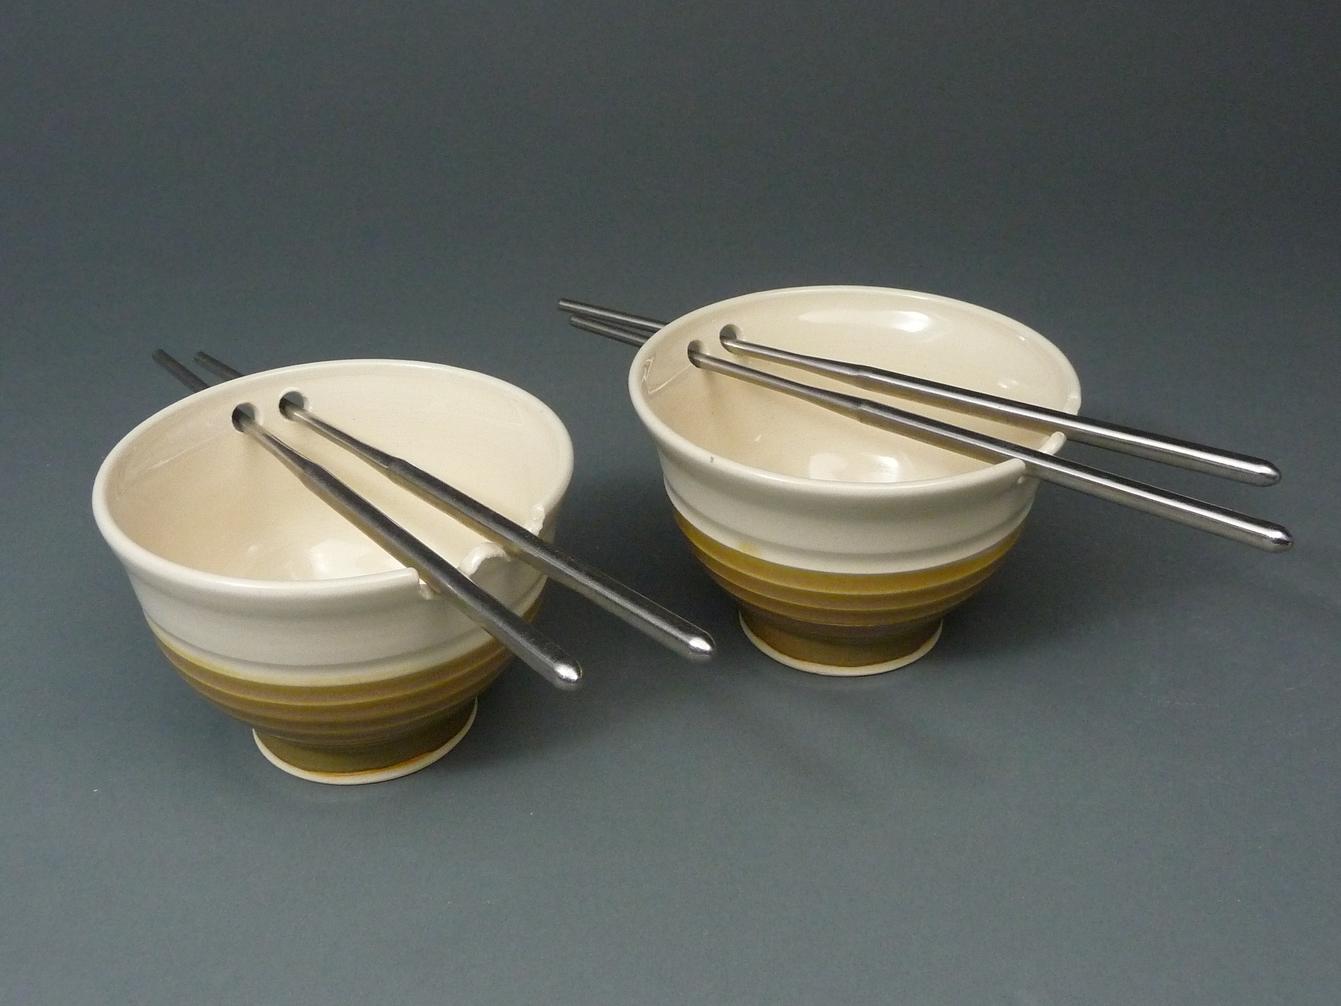 041 Yellow White Rice Bowls.JPG